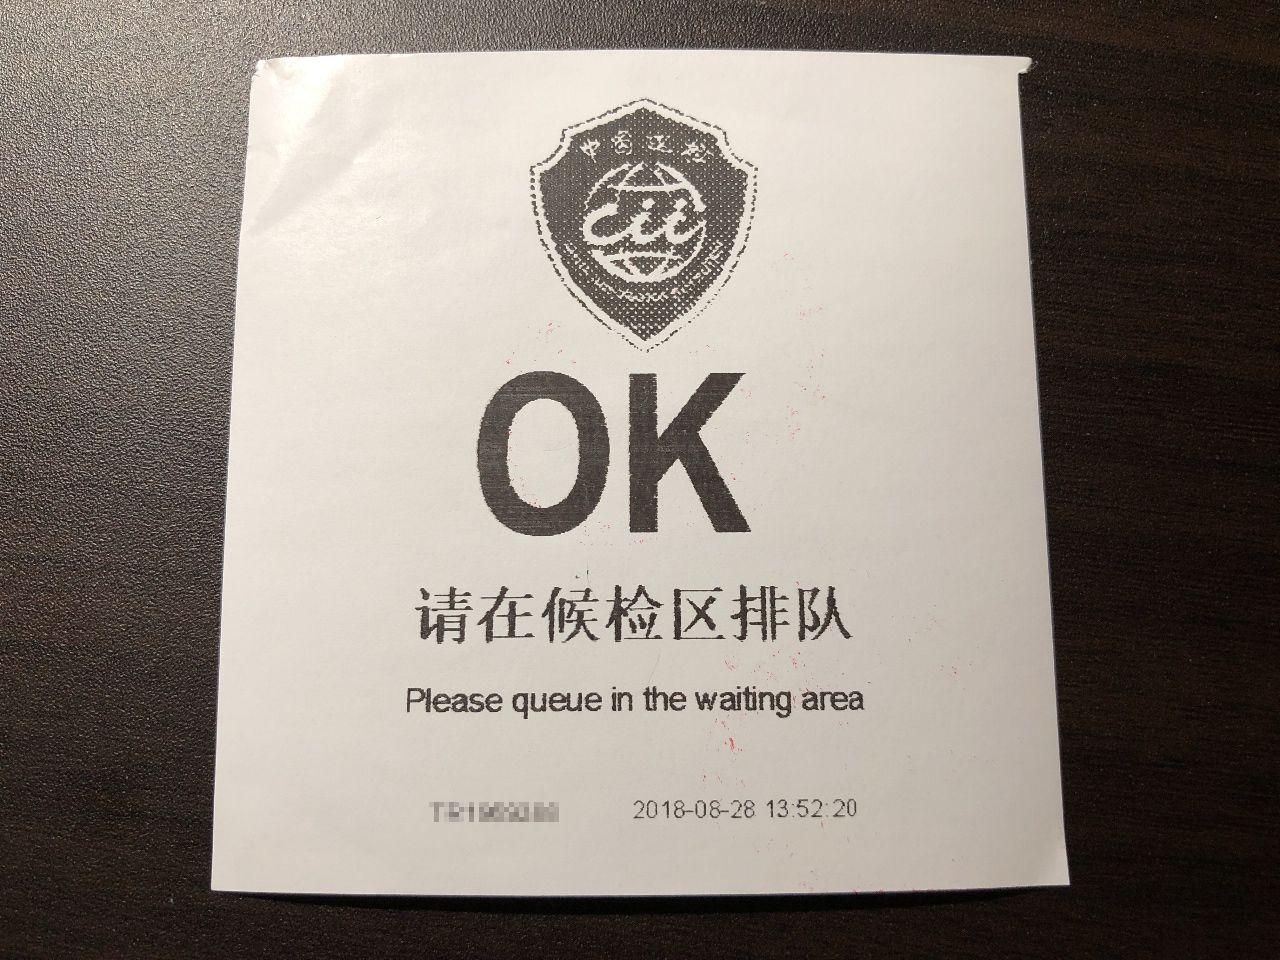 中国上海での指紋採取の実体験、「入境外国人指紋自助留在区」での一部始終